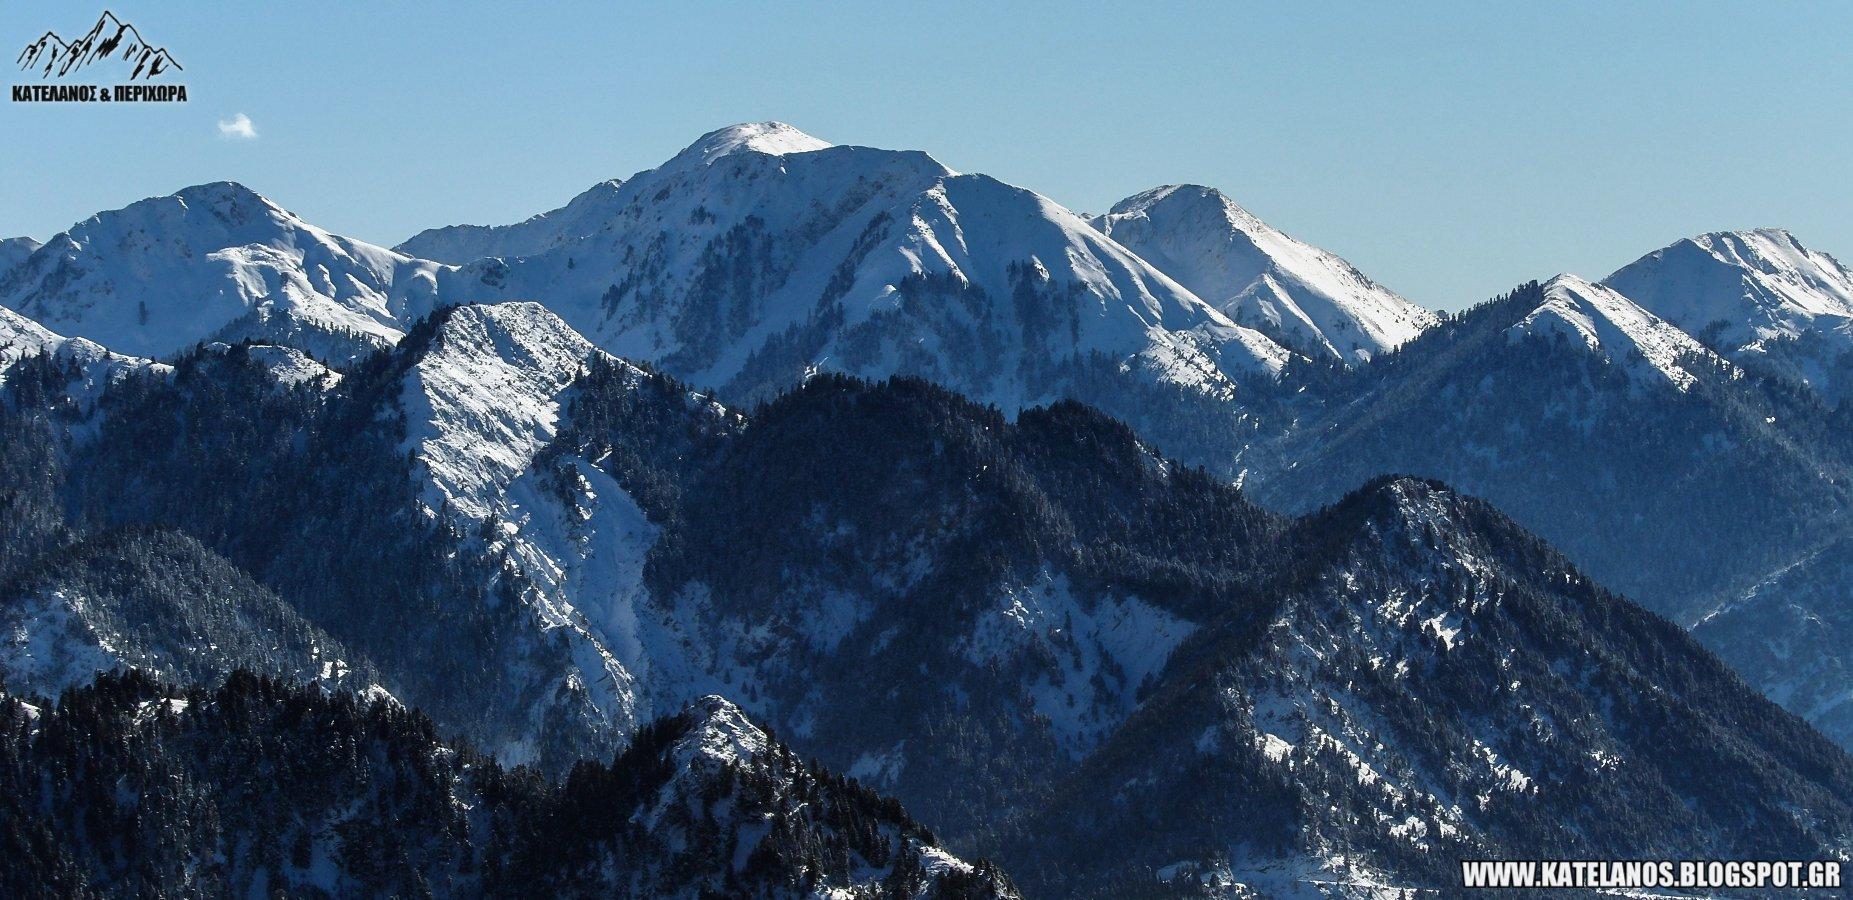 κατελανος και περιχωρα blog βουνα διαδρομες χειμερινες αναβασεις